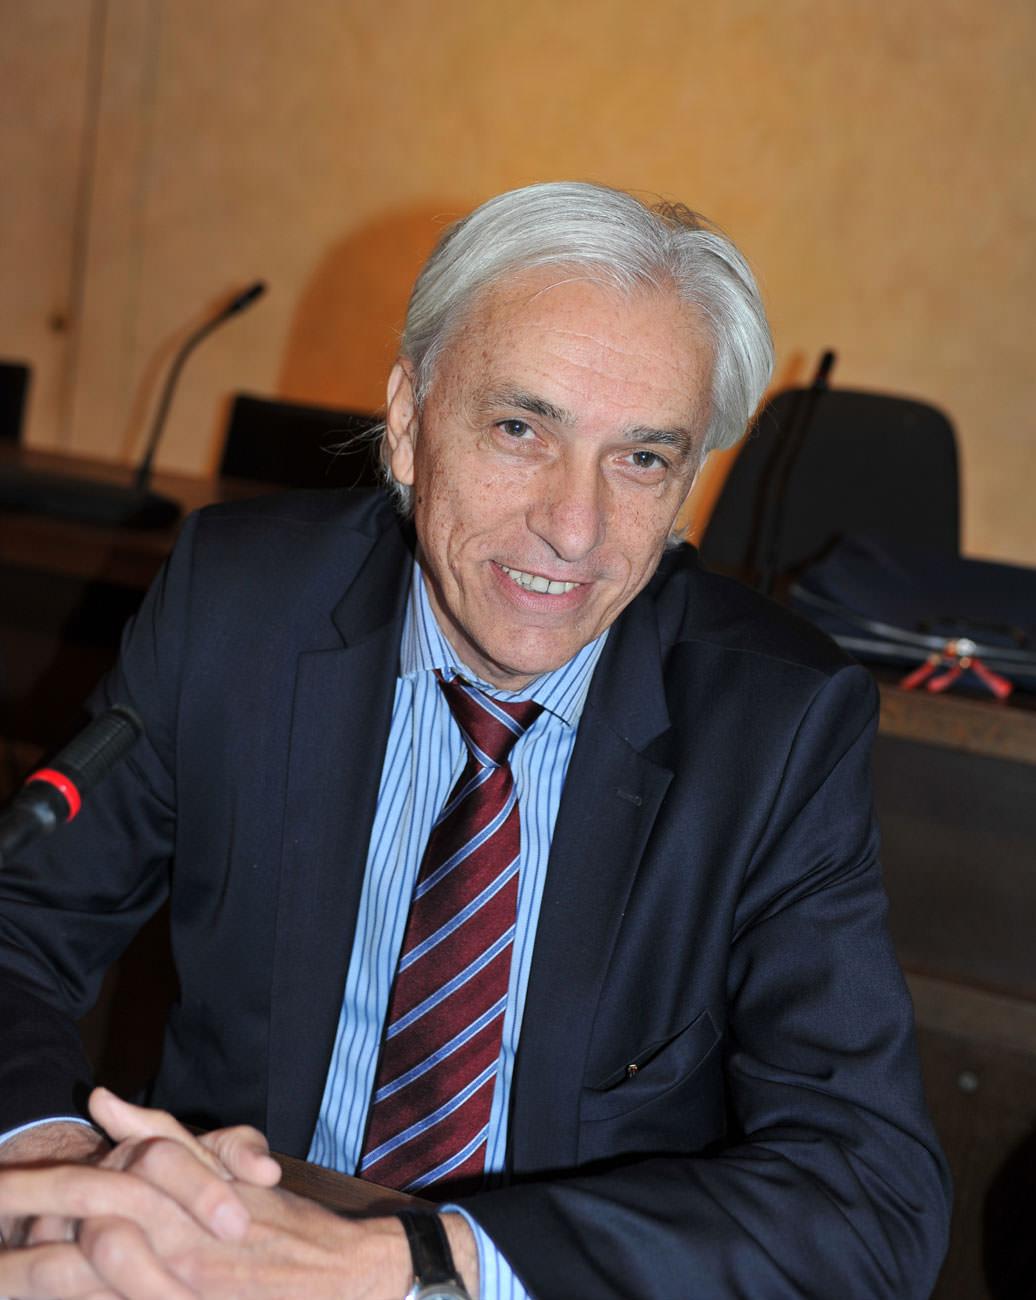 Il sindaco Tarabella chiede un Consiglio Comunale congiunto ai colleghi della Versilia